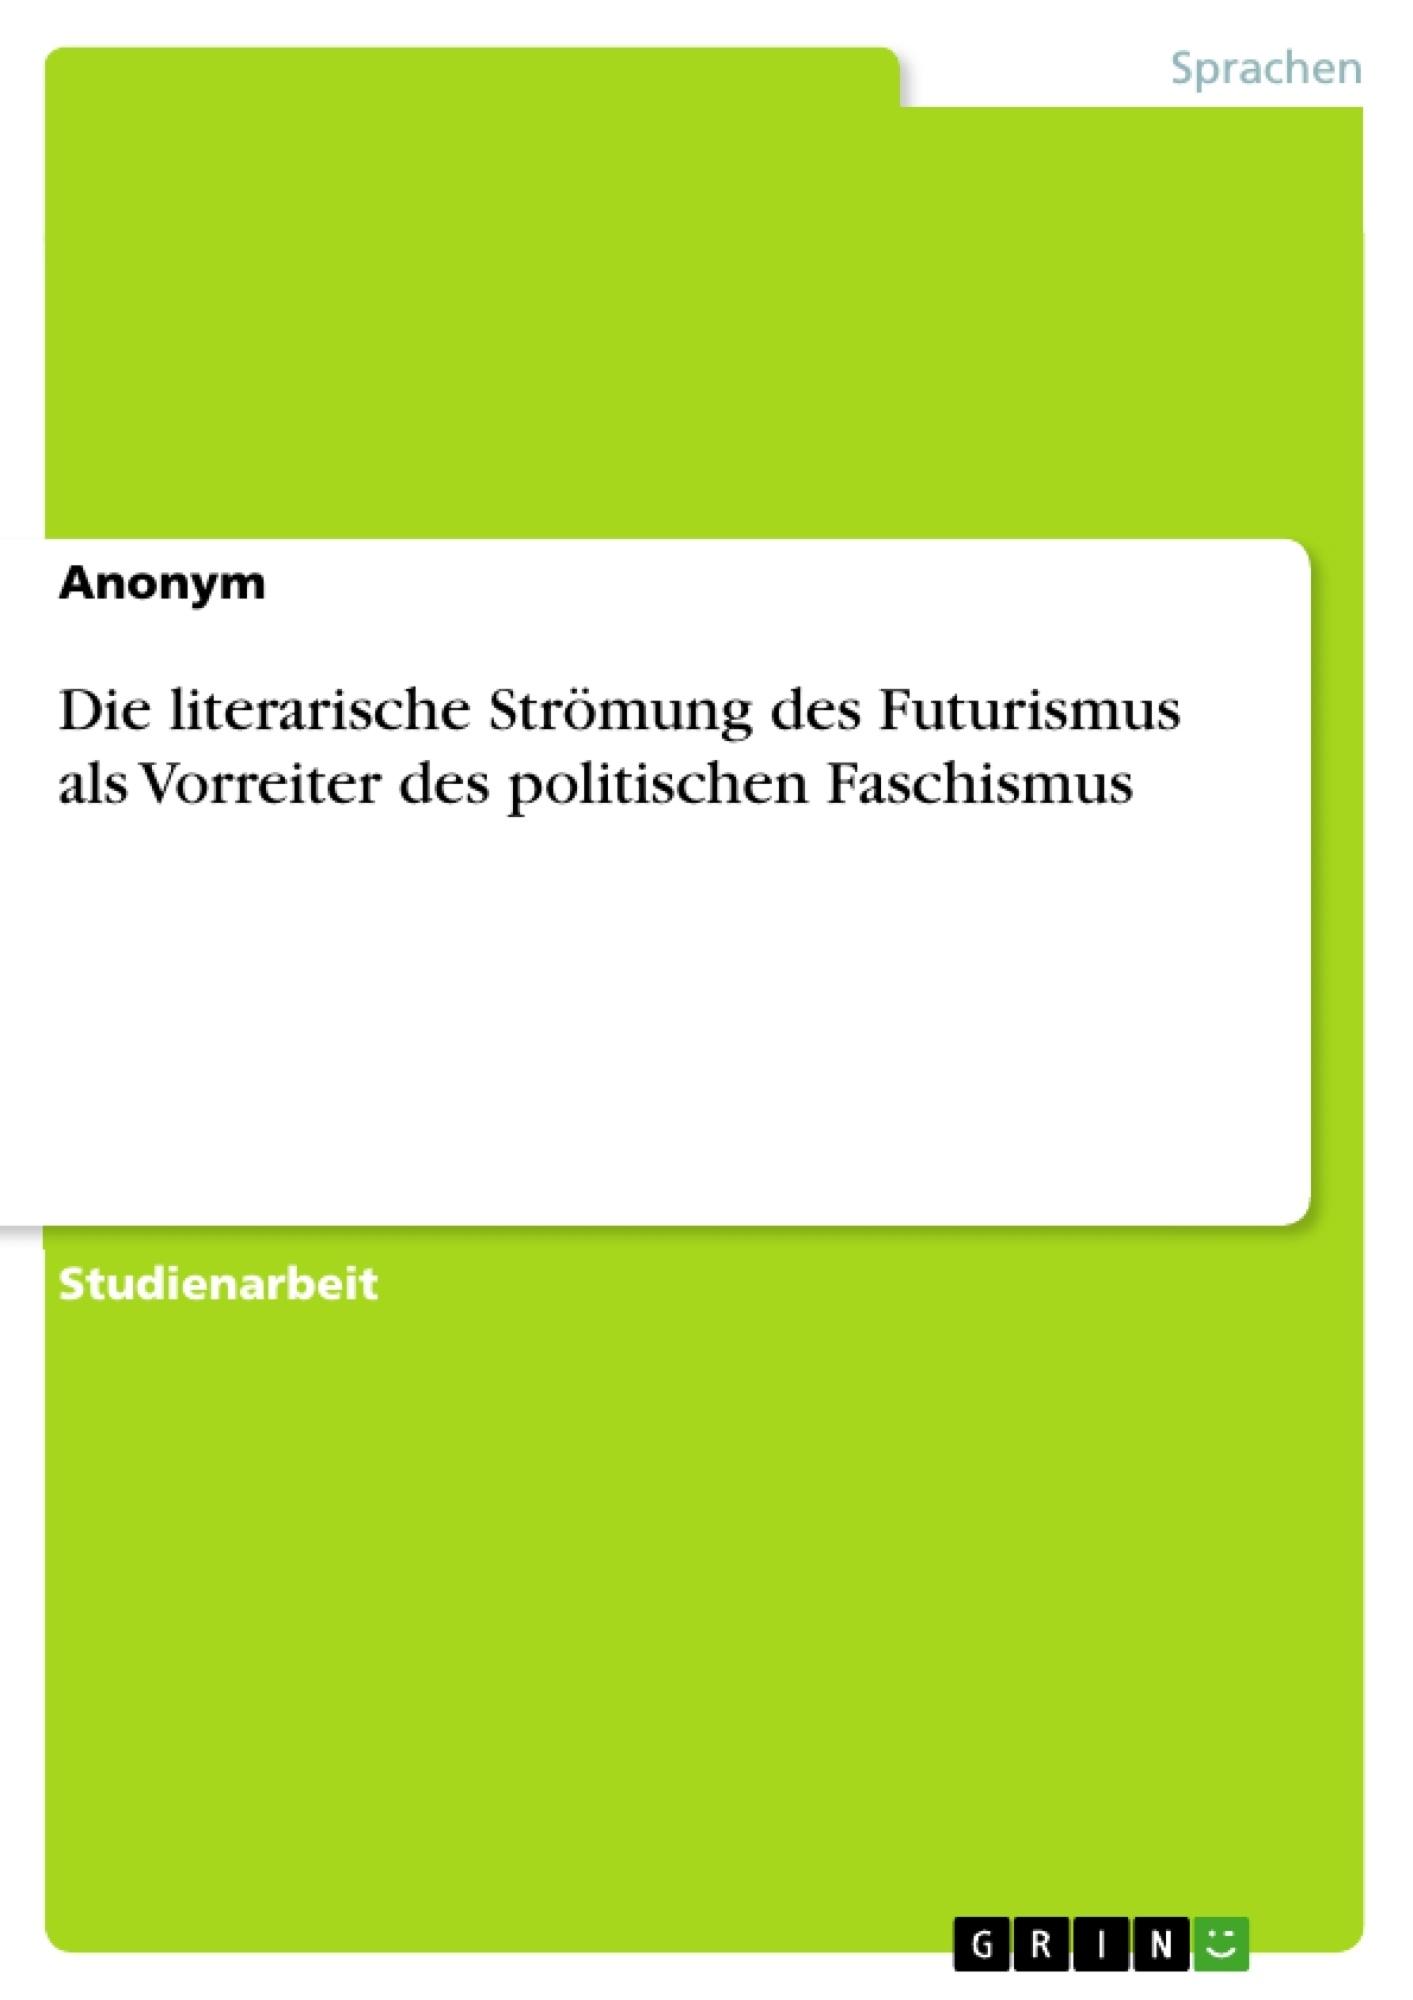 Titel: Die literarische Strömung des Futurismus als Vorreiter des politischen Faschismus